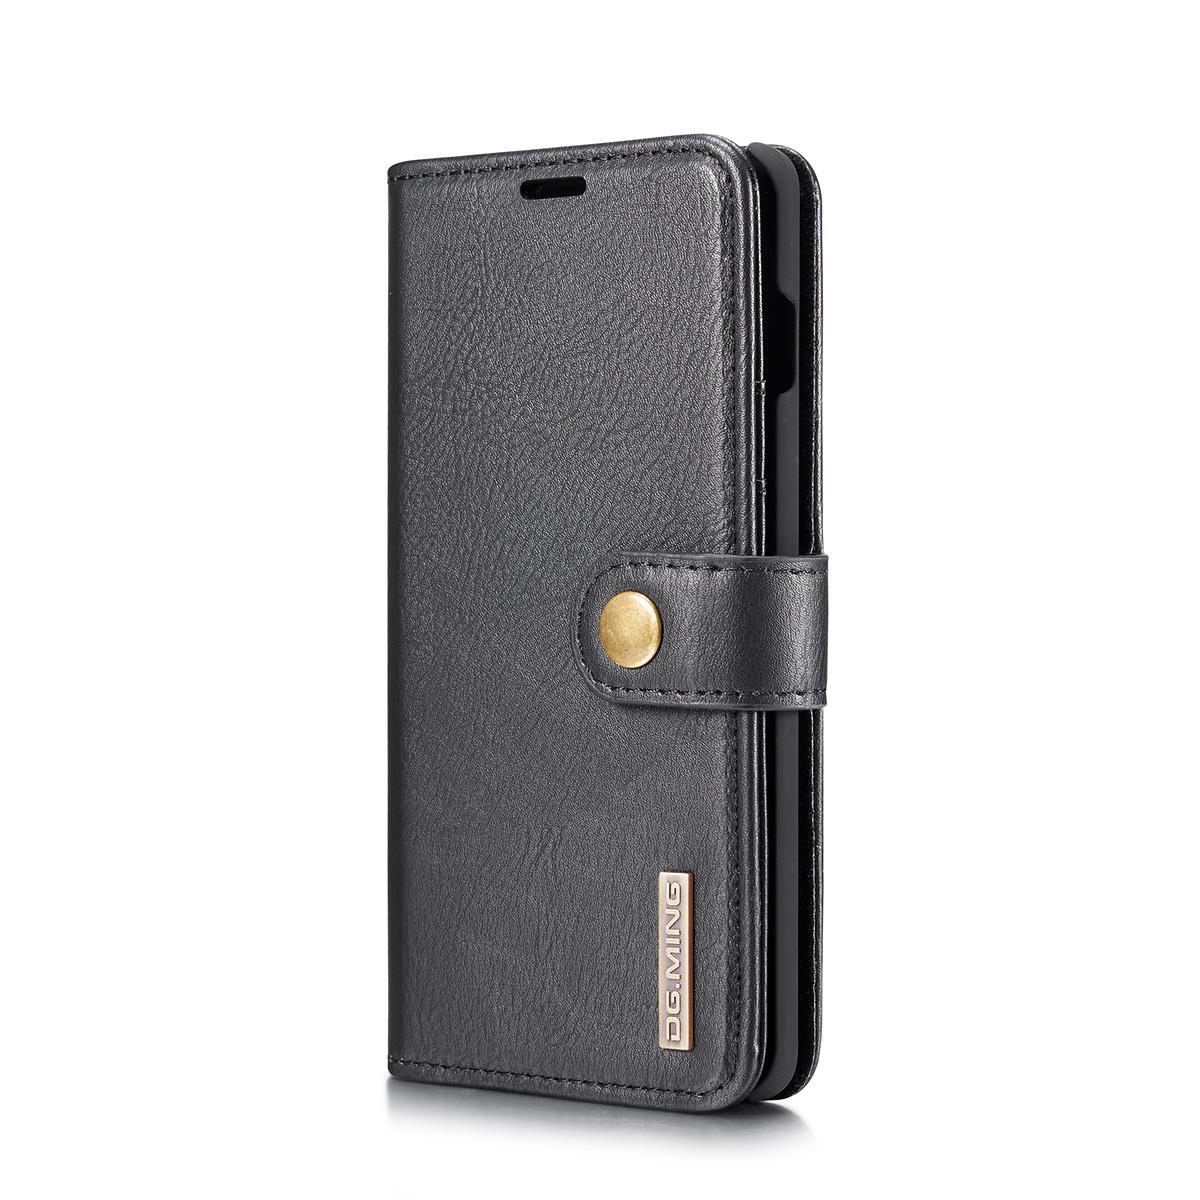 DG.MING fodral, kortplats och ställ, Samsung Galaxy S10, svart